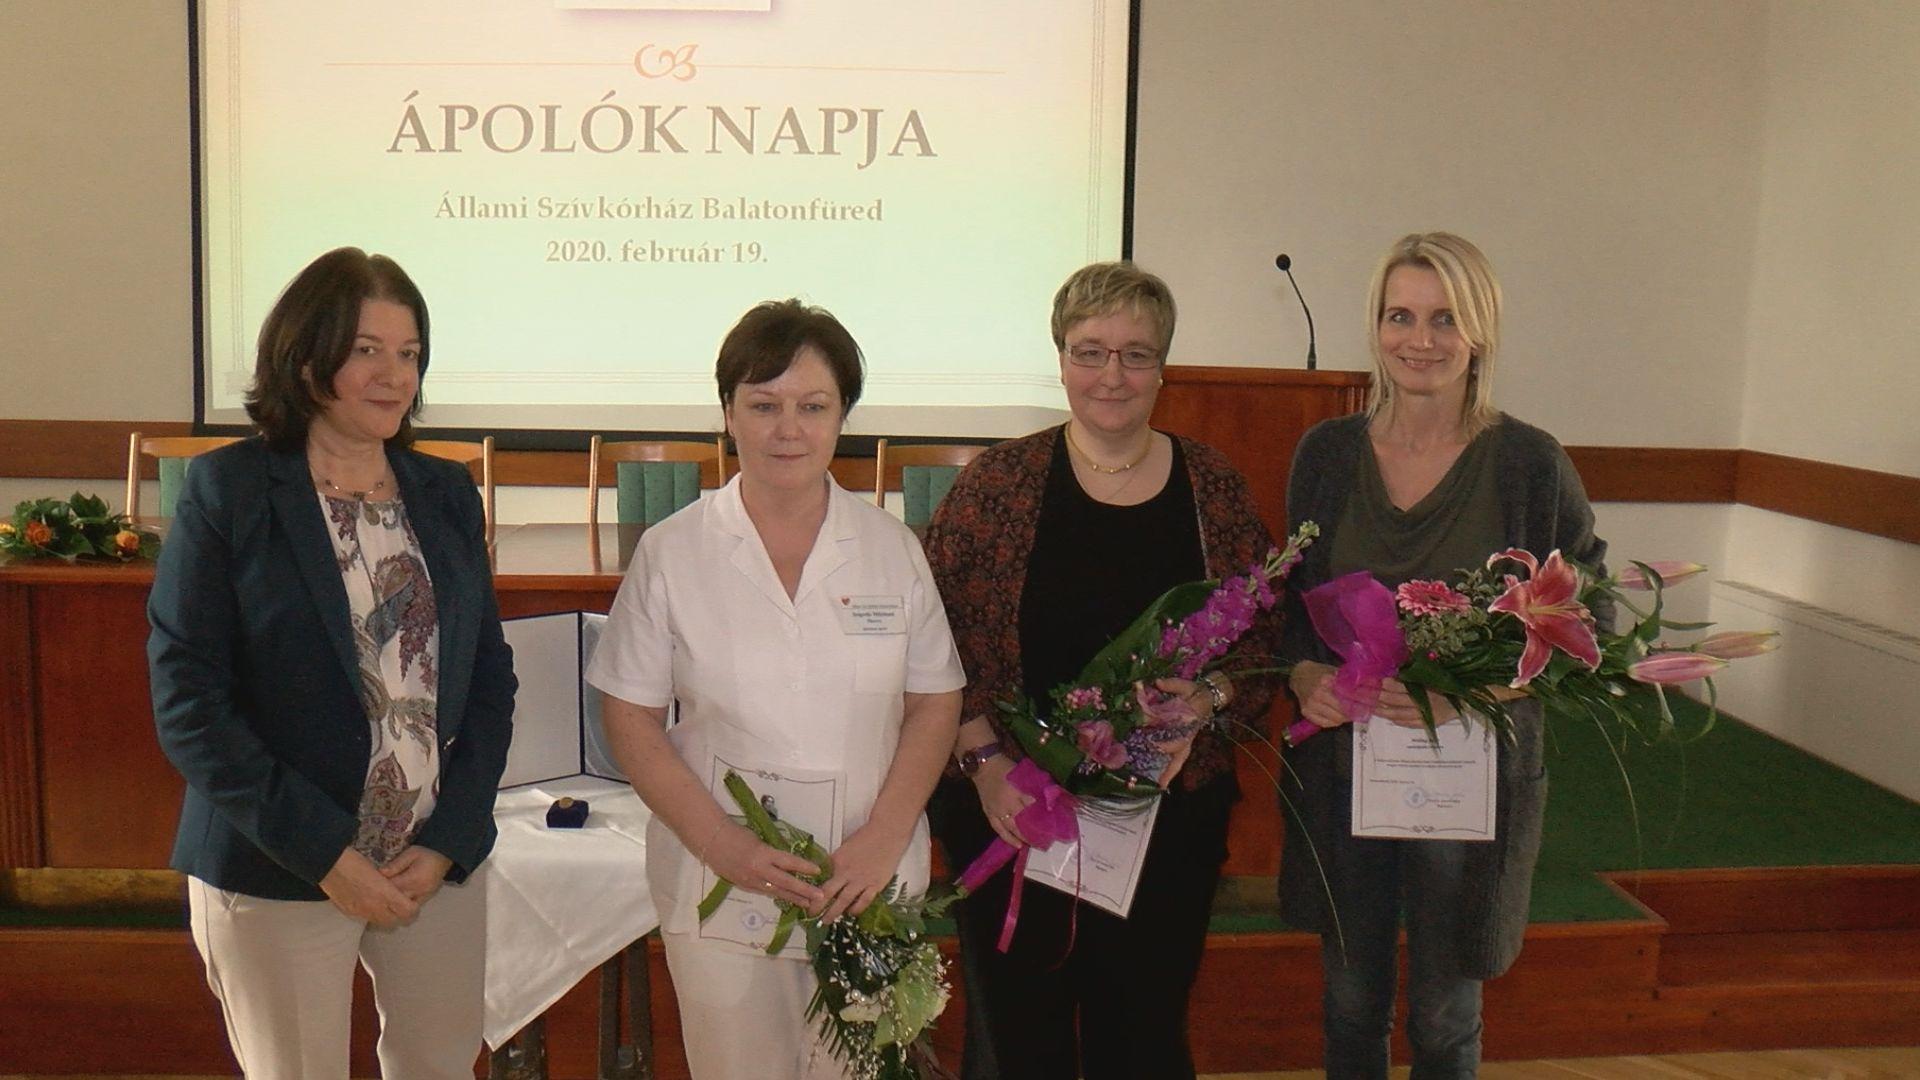 A szívkórház ápolóit köszöntötték